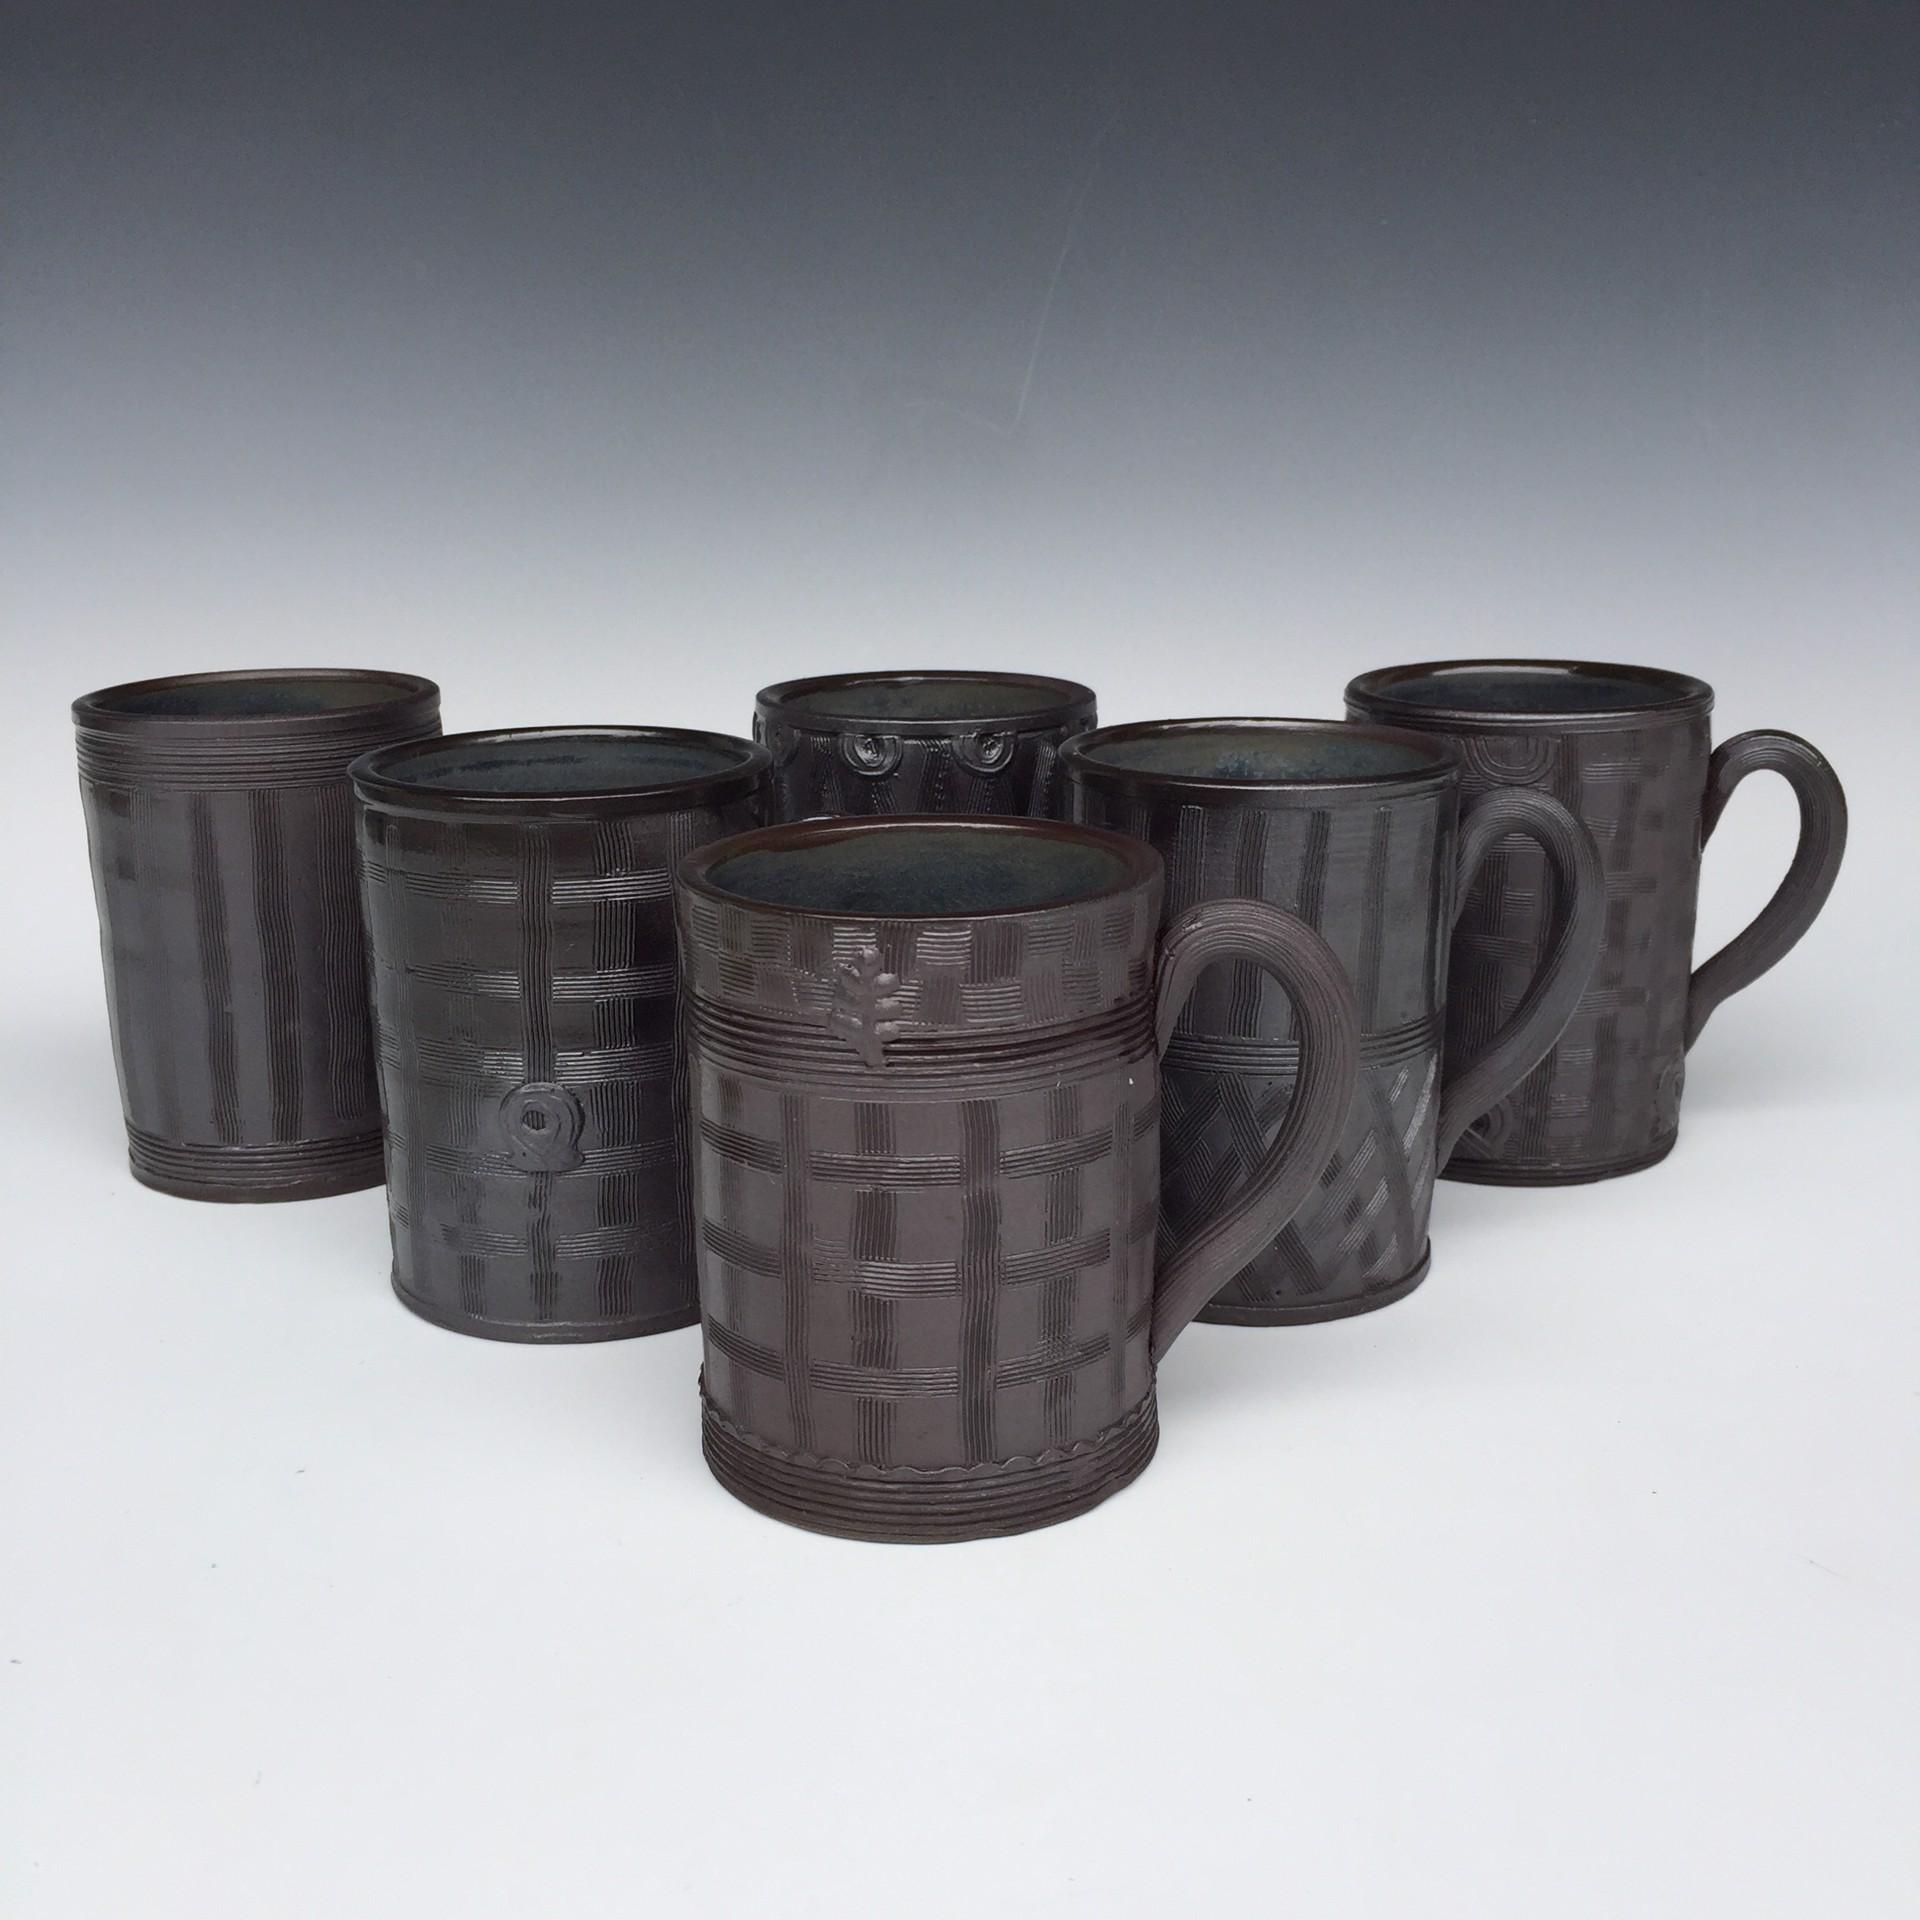 Six Mugs (set) by Linda Sikora